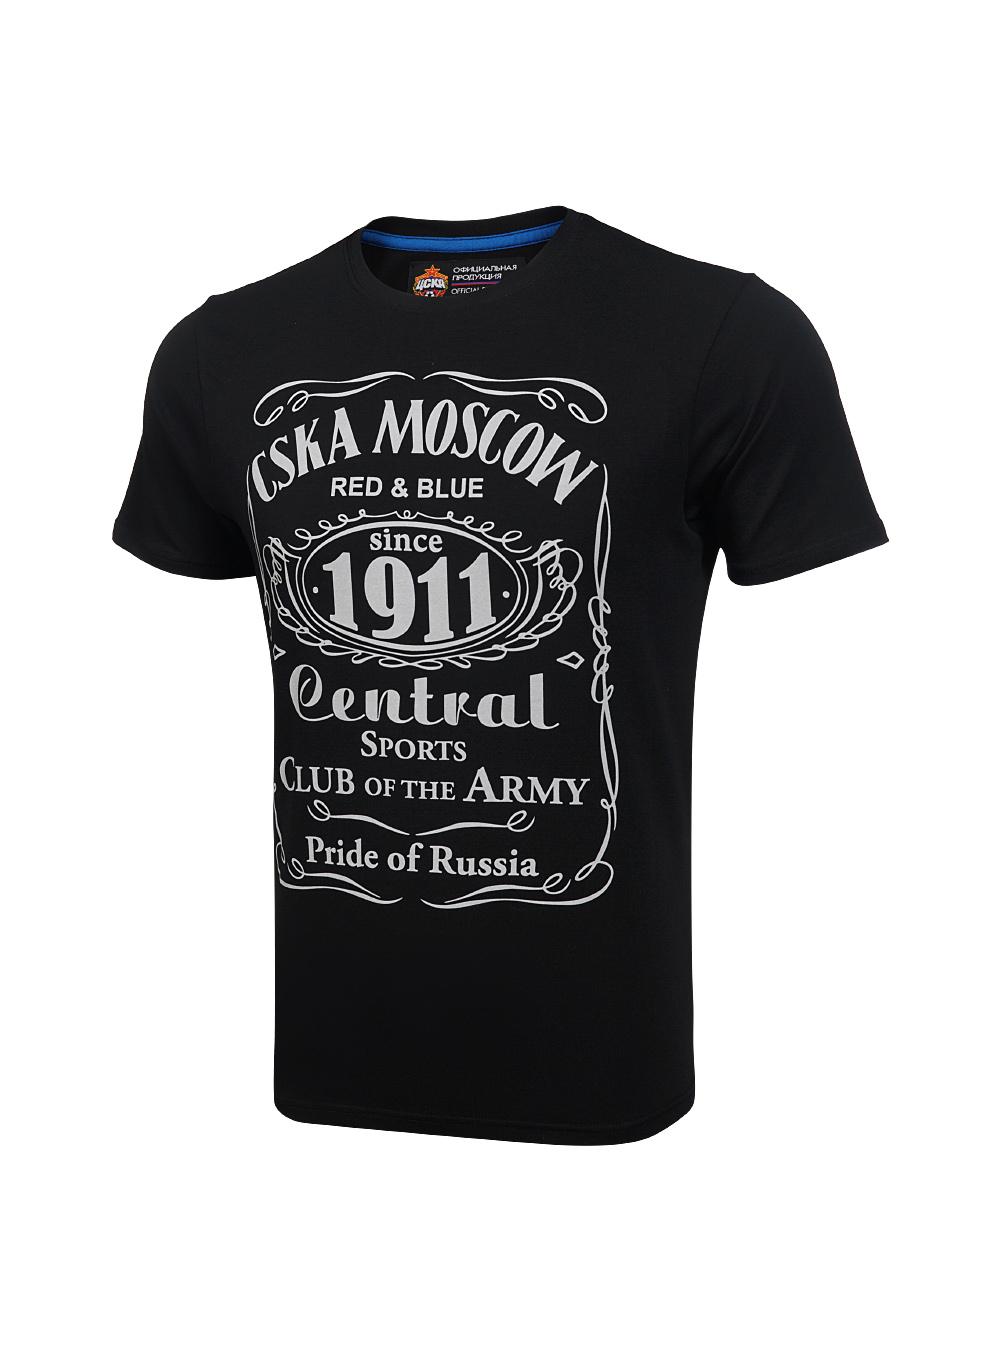 Купить Футболка » CSKA MOSCOW 1911 «cover, цвет чёрный (L) по Нижнему Новгороду